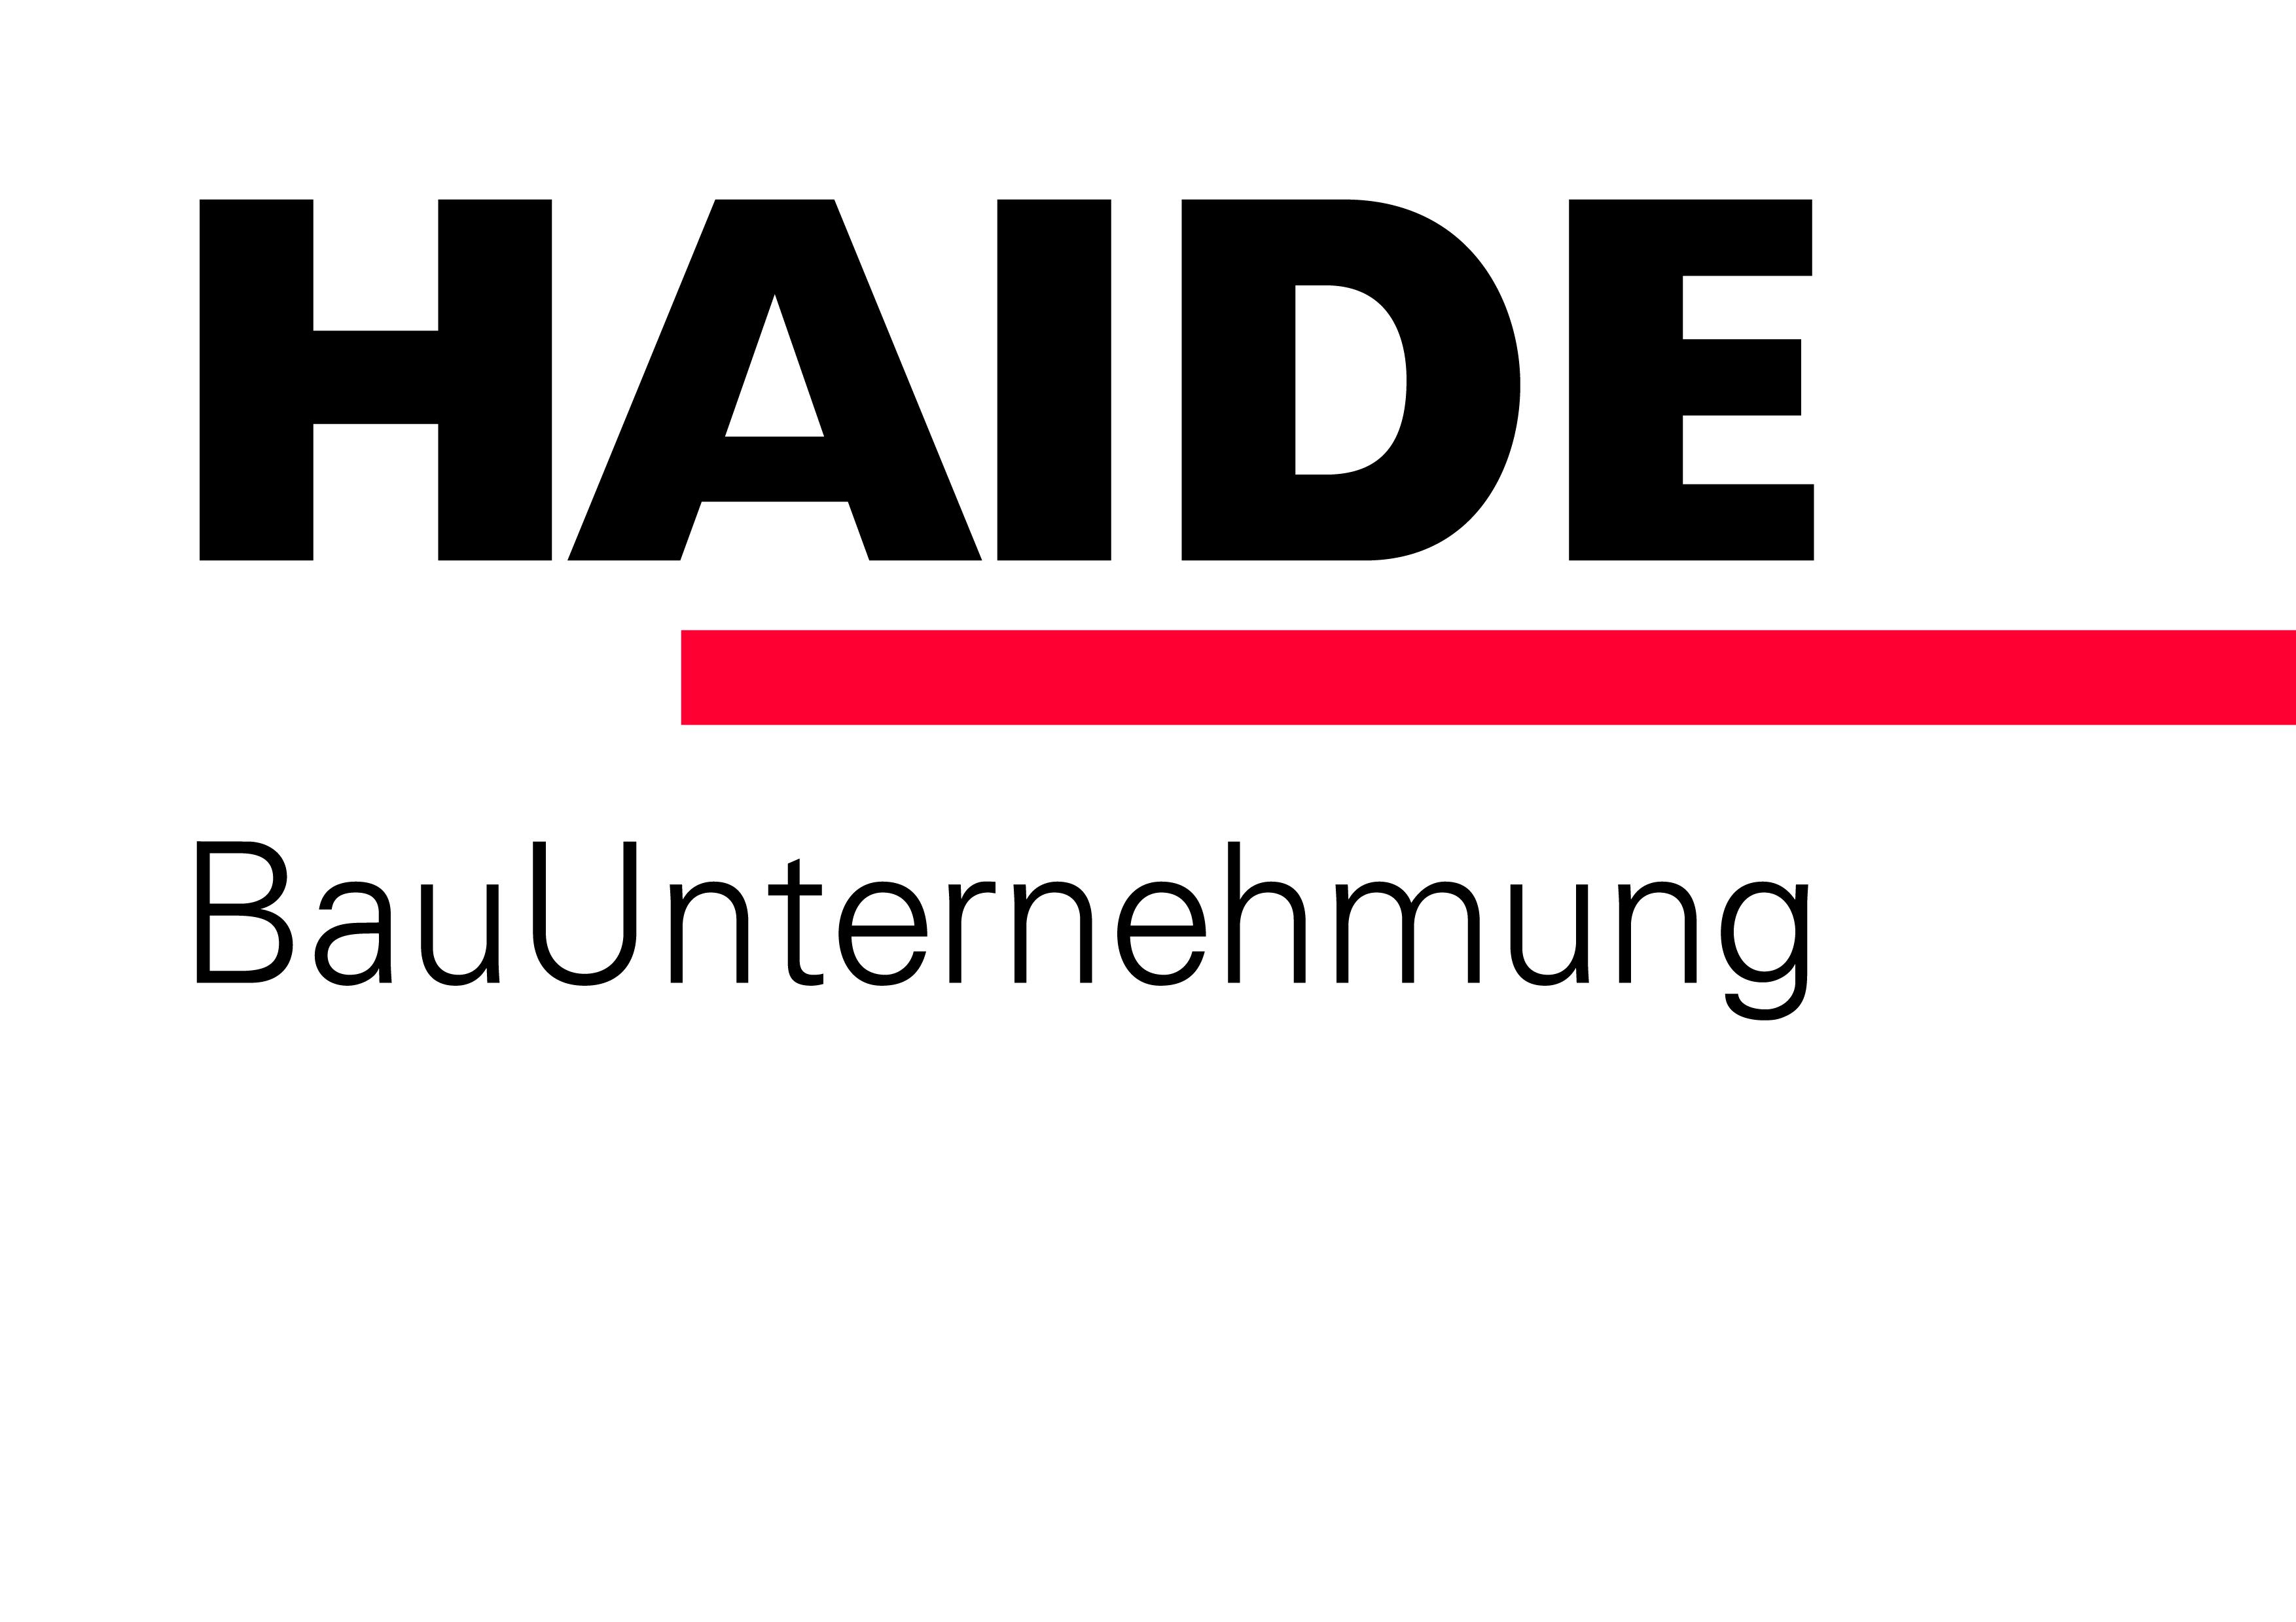 HAIDE_A4.jpg